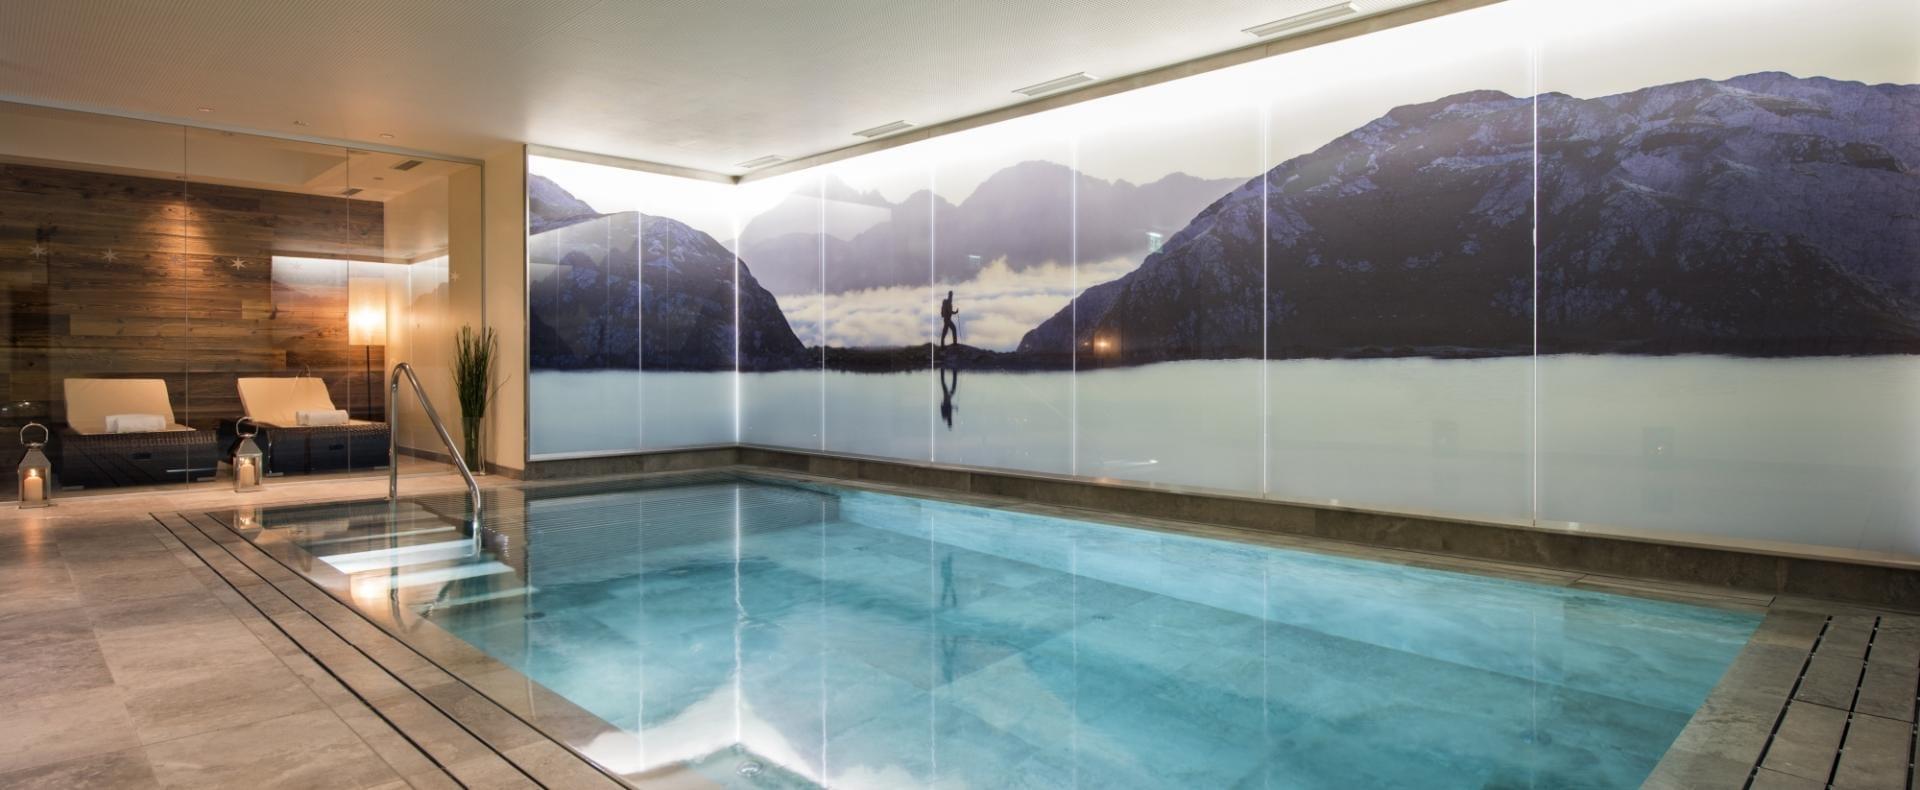 Pool-Eden-Rock-St-Anton-Ultimate-Luxury-Chalets-UltraVilla